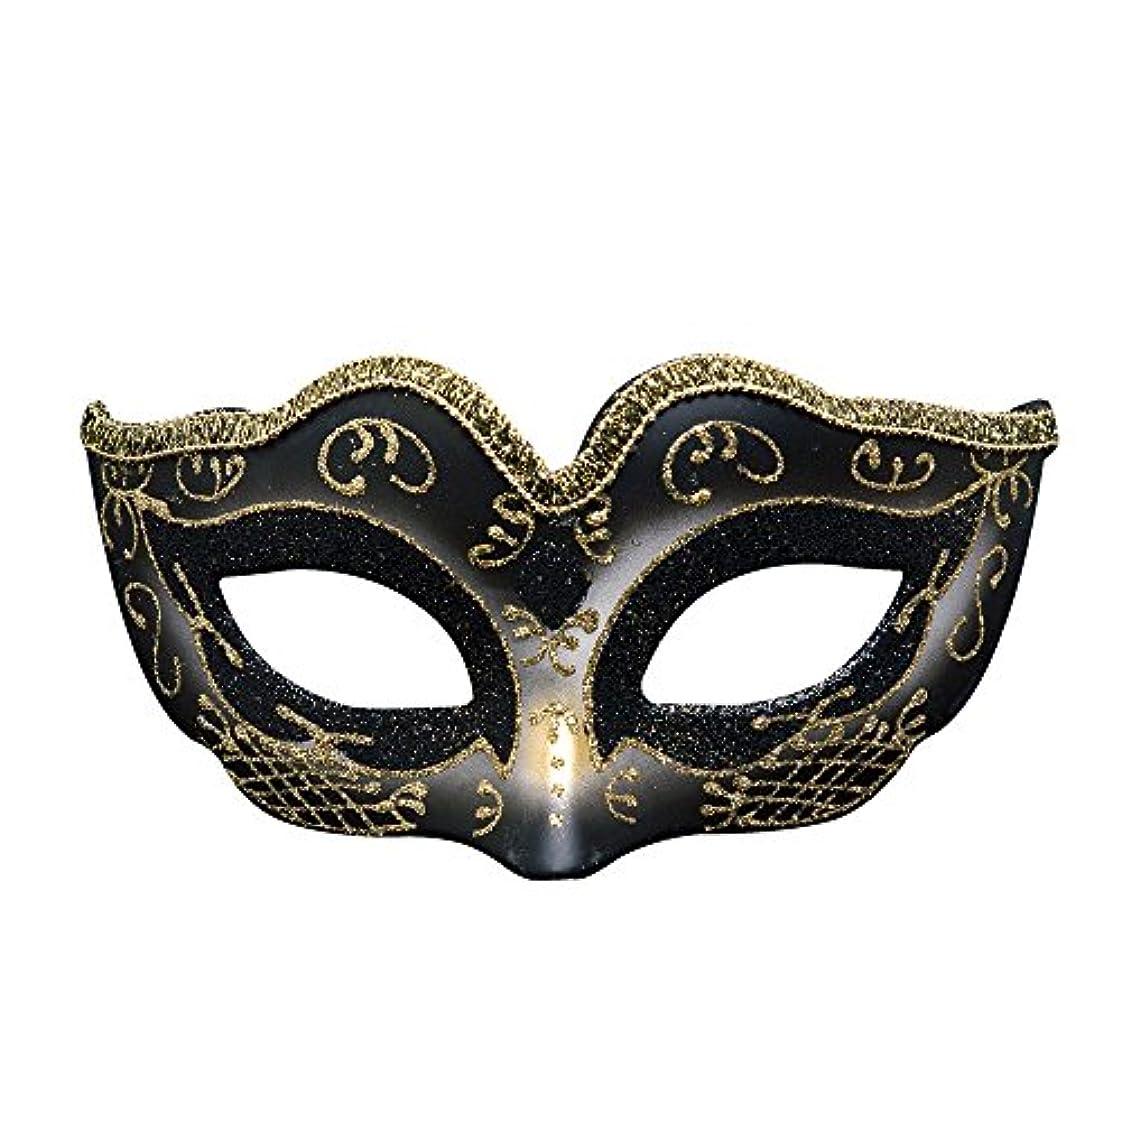 マキシム好意データムクリエイティブカスタム子供のなりすましパーティーハロウィーンマスククリスマス雰囲気マスク (Color : F)